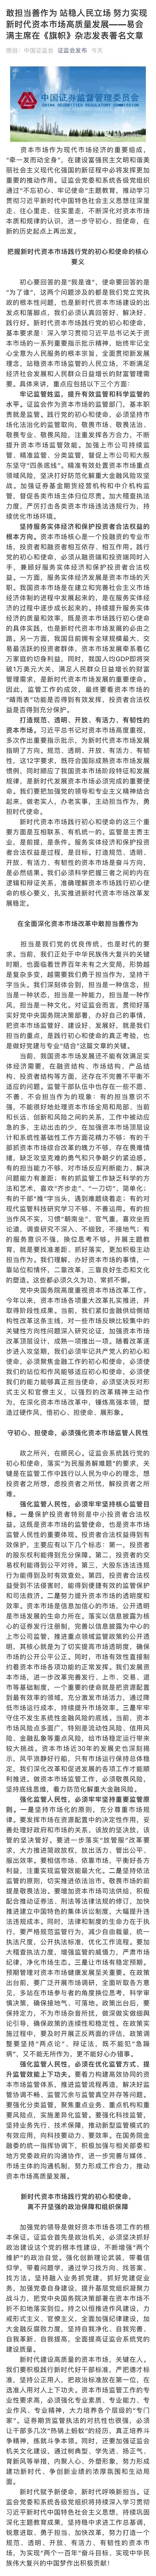 湾仔娱乐场官网注册_外国投资者并购中国境内企业 应依反垄断法接受审查